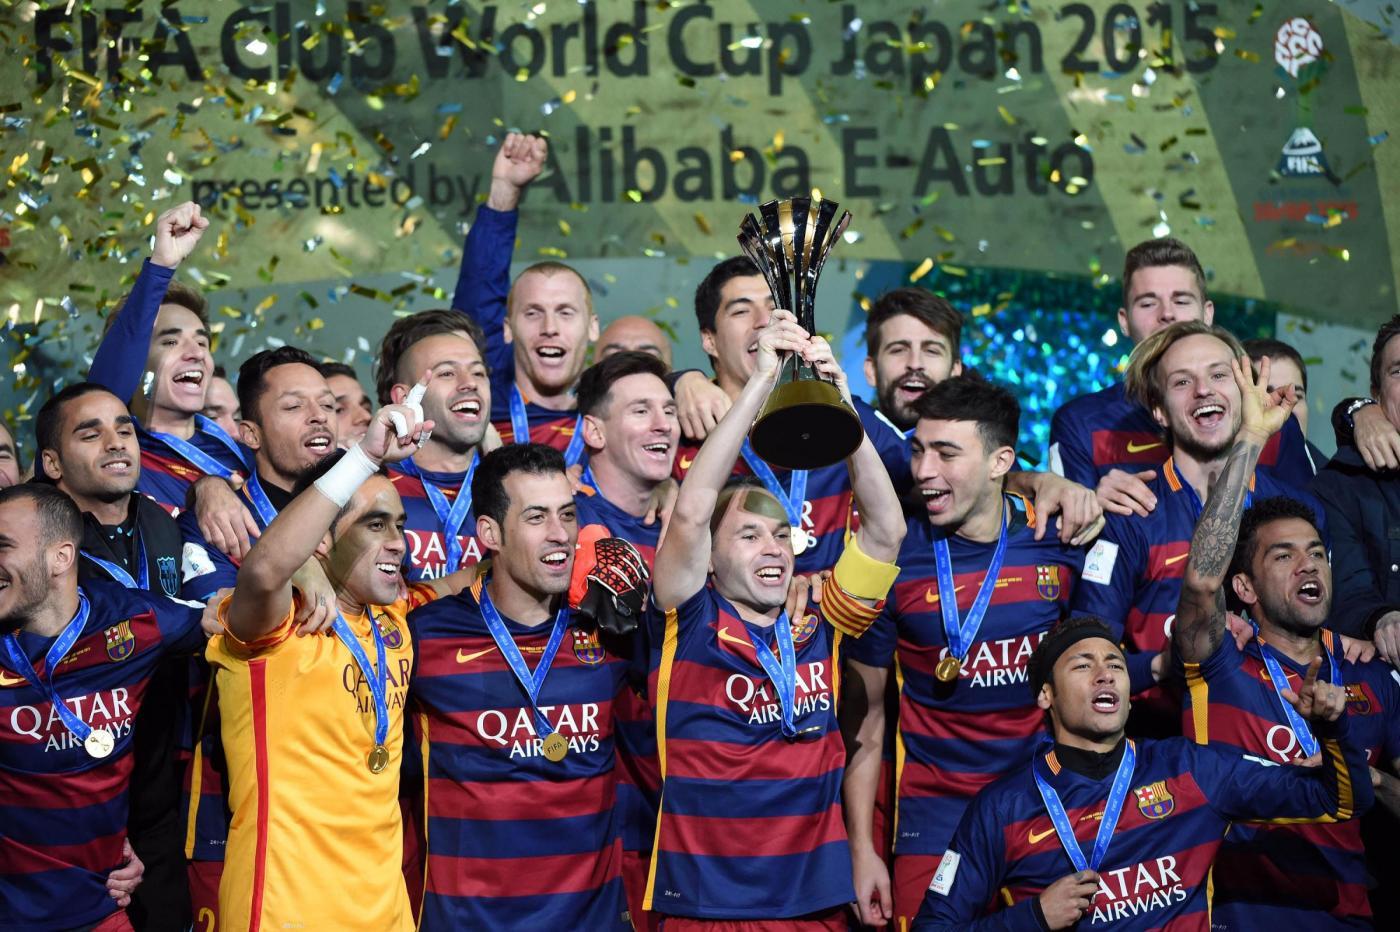 Finale Mondiale per Club: Barcellona vs River Plate